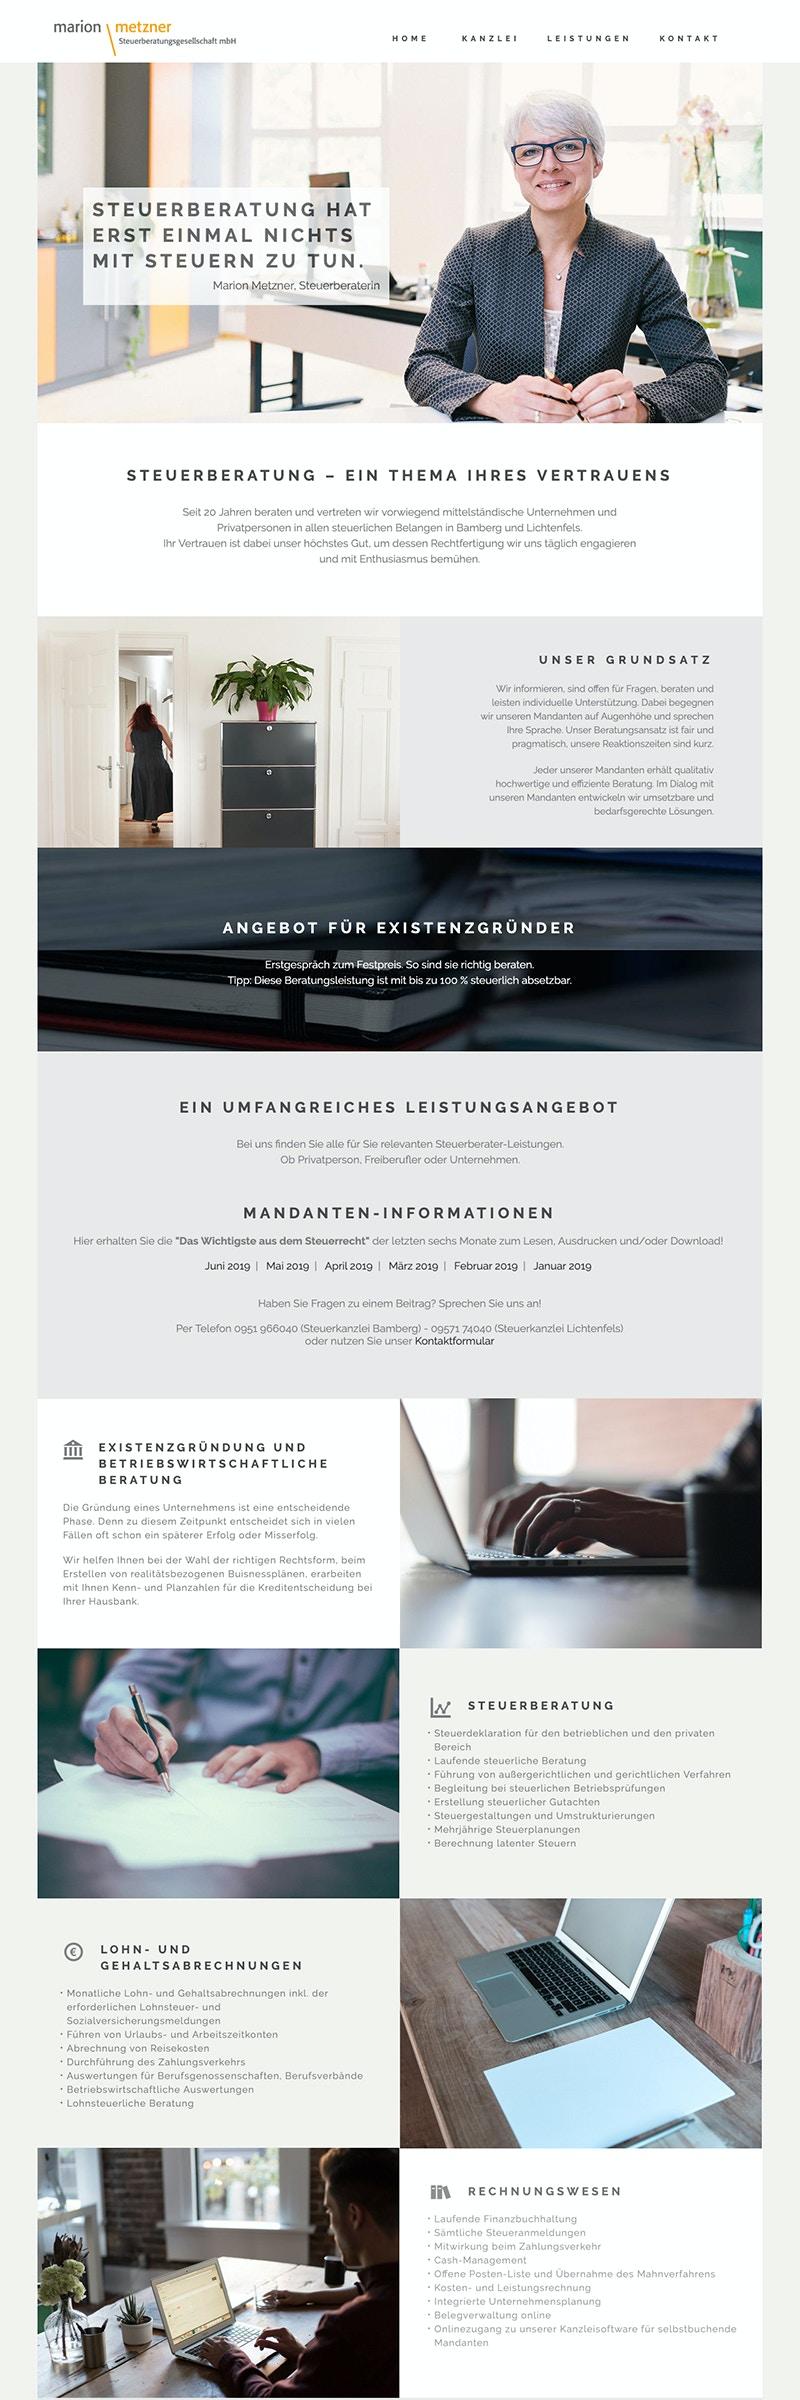 Design-Konzept und Umsetzung der Webseite einer Steuerkanzlei